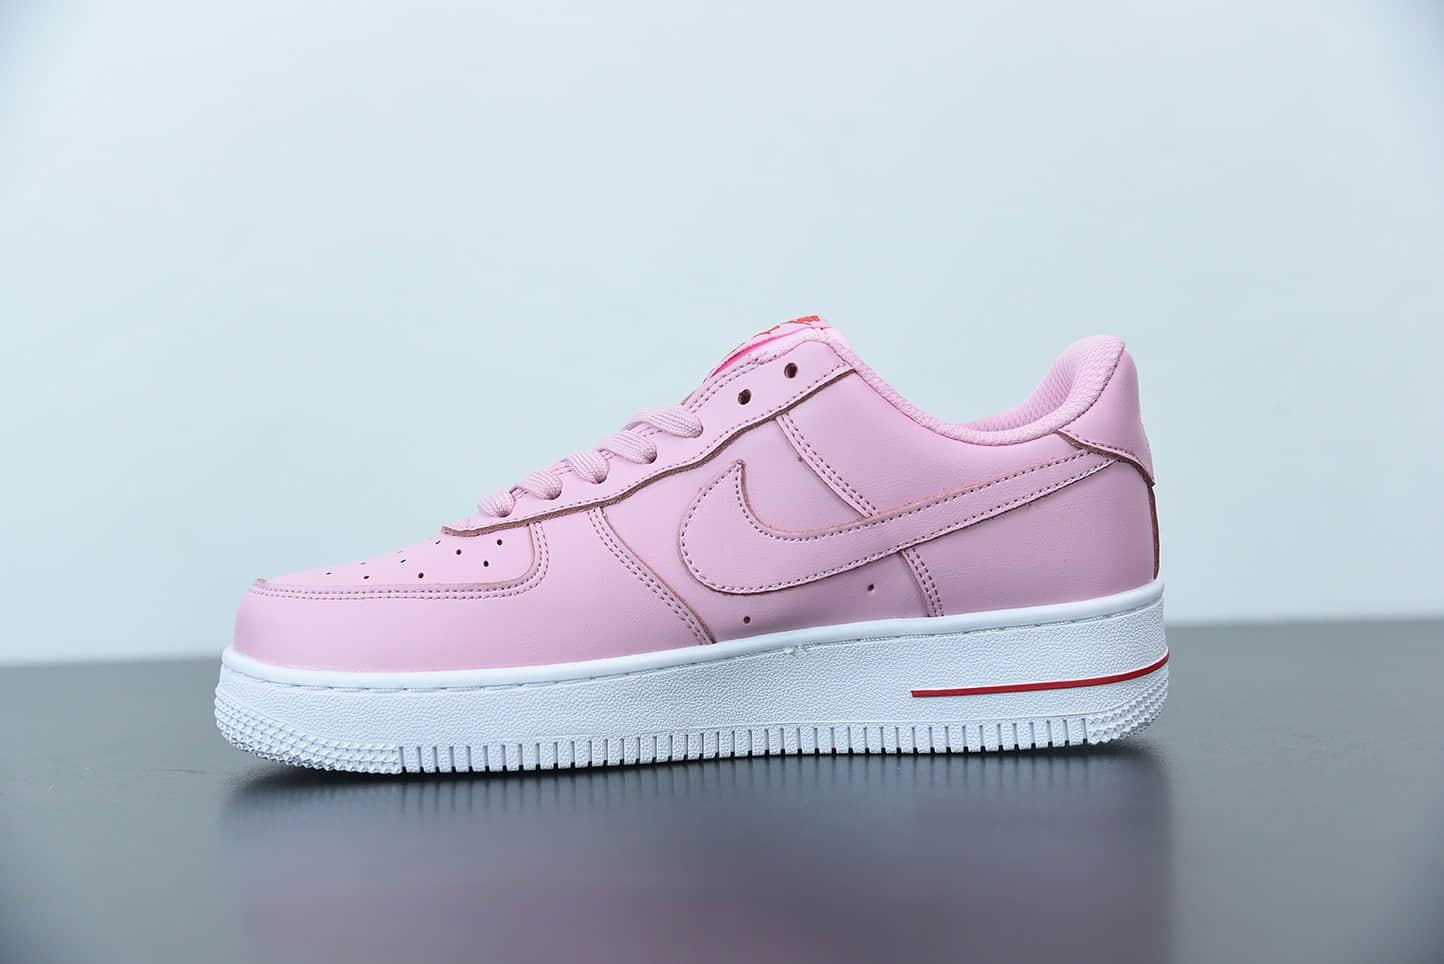 耐克Nike Air Force 1´07PinkRed Rose粉色粉玫瑰空军一号经典低帮百搭休闲运动板鞋纯原版本 货号:CU6312-600